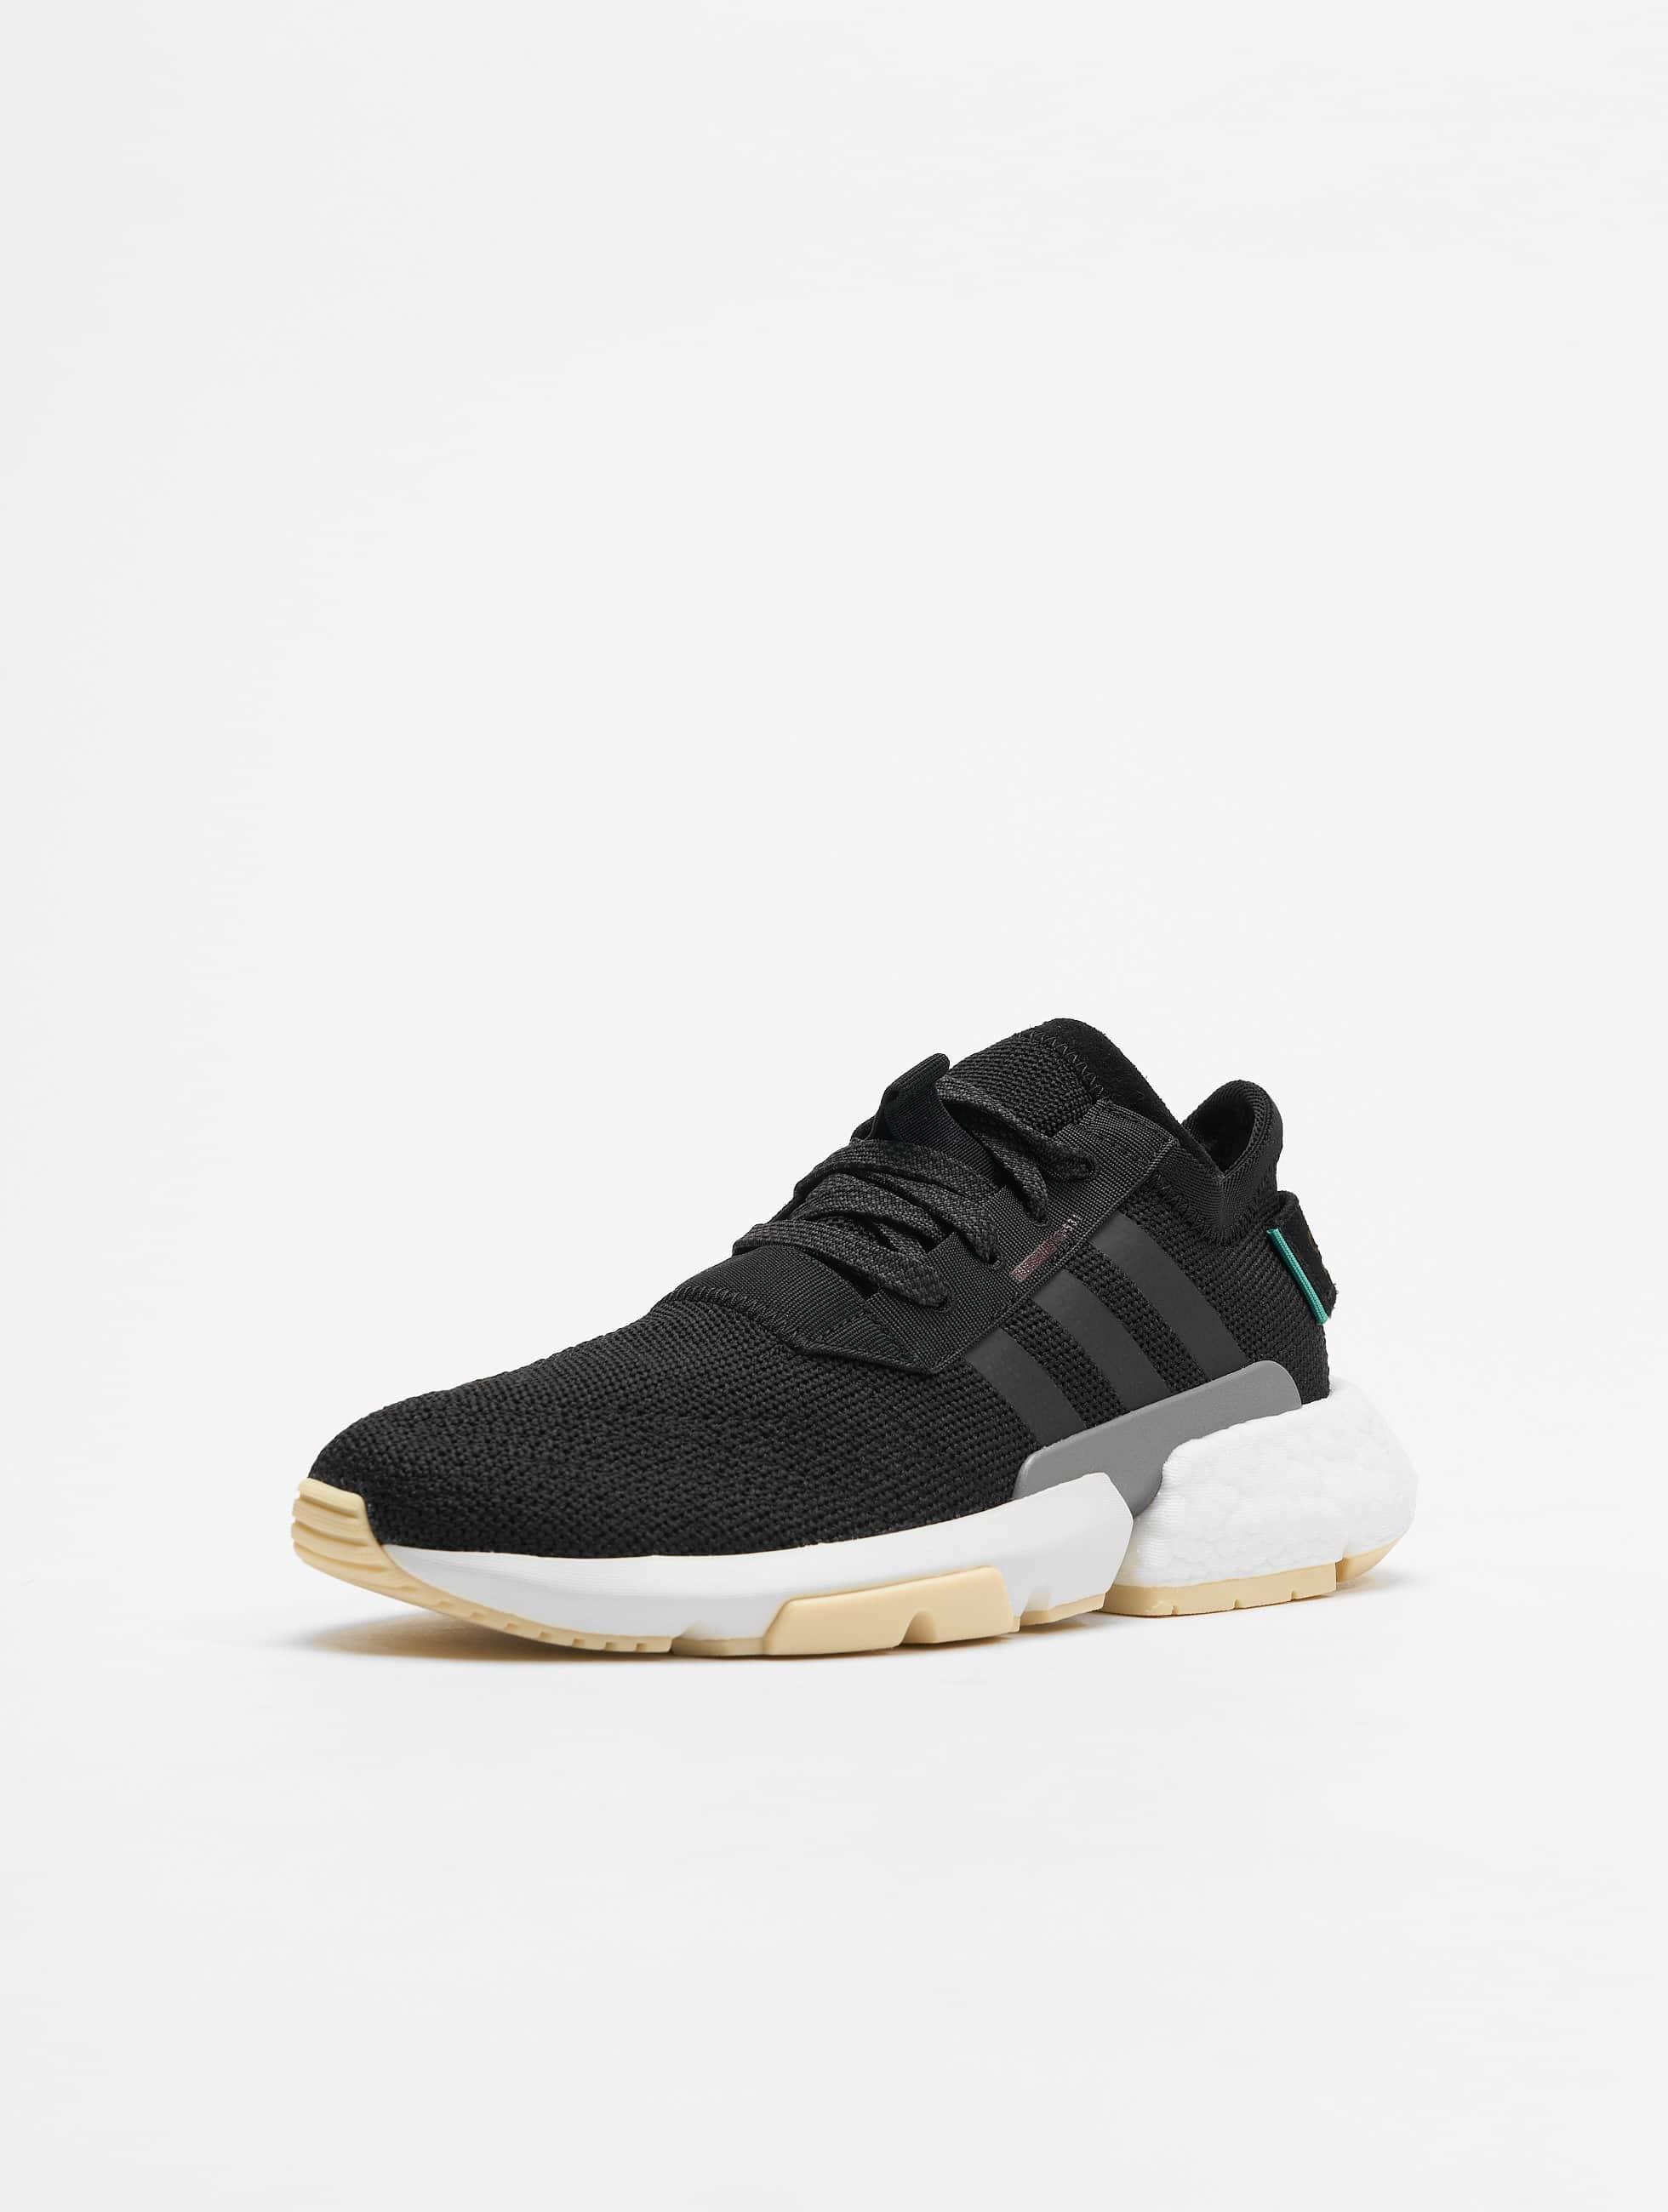 Chaussures 1 Baskets Adidas Femme Originals Pod s3 W qxFwOY4E